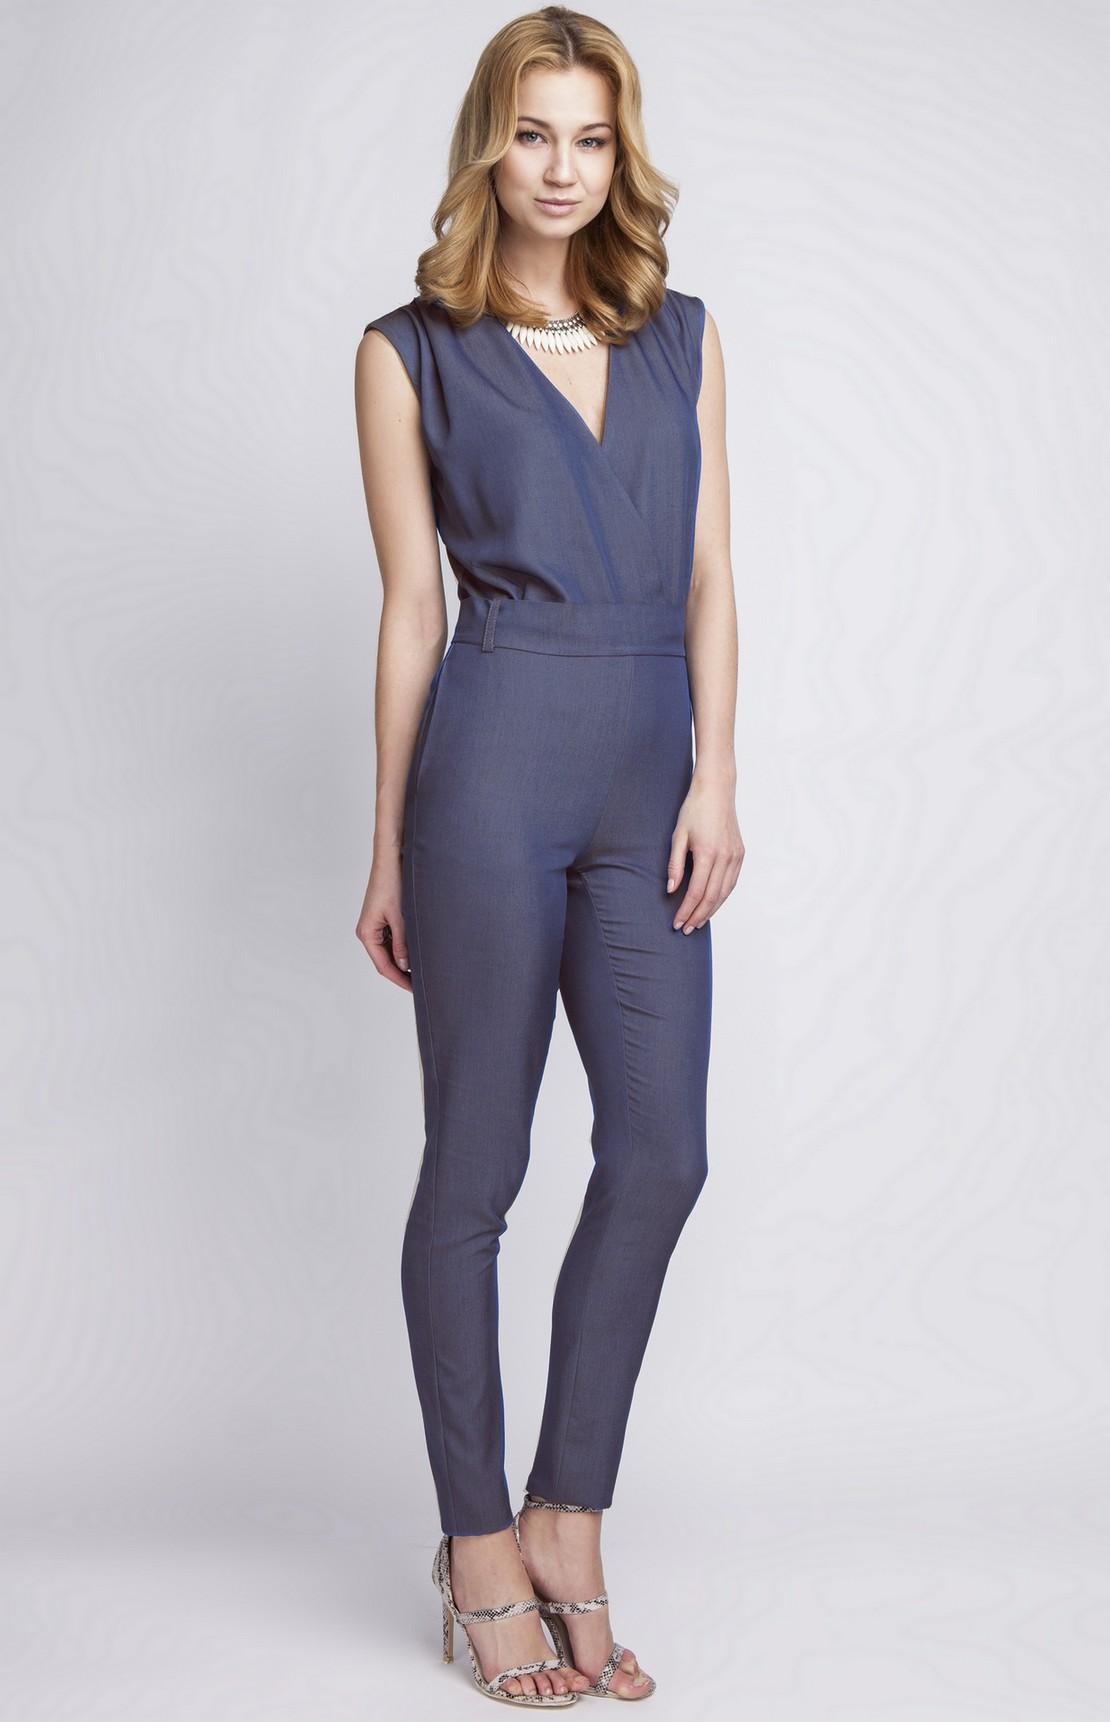 combinaison pantalon sans manches bleu denim lan 110 j idresstocode boutique de d shabill s. Black Bedroom Furniture Sets. Home Design Ideas